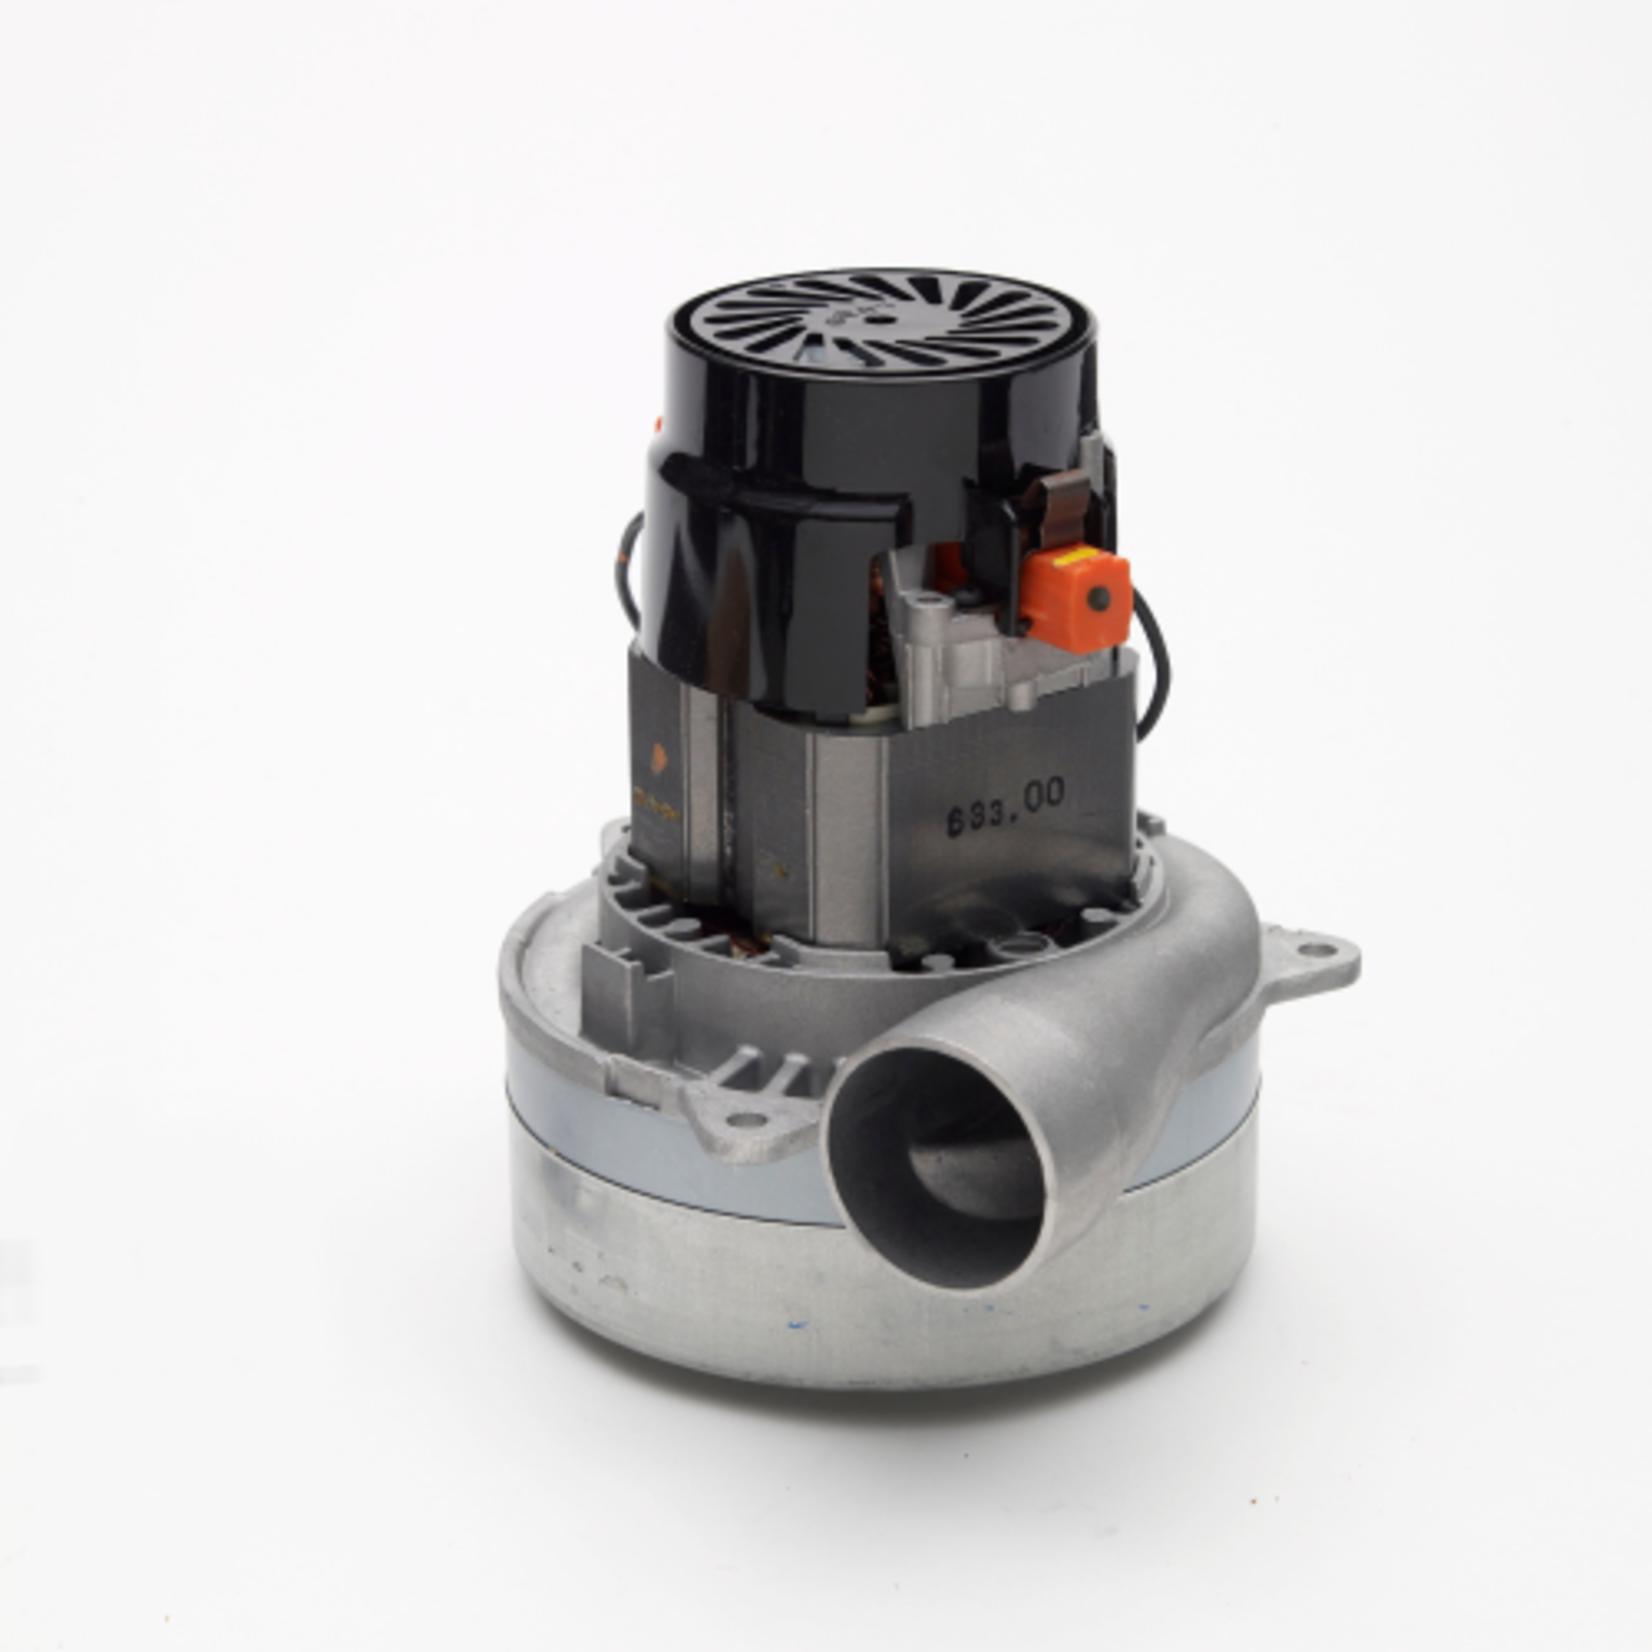 BEAM BEAM Central Vacuum Motor - Fits 375